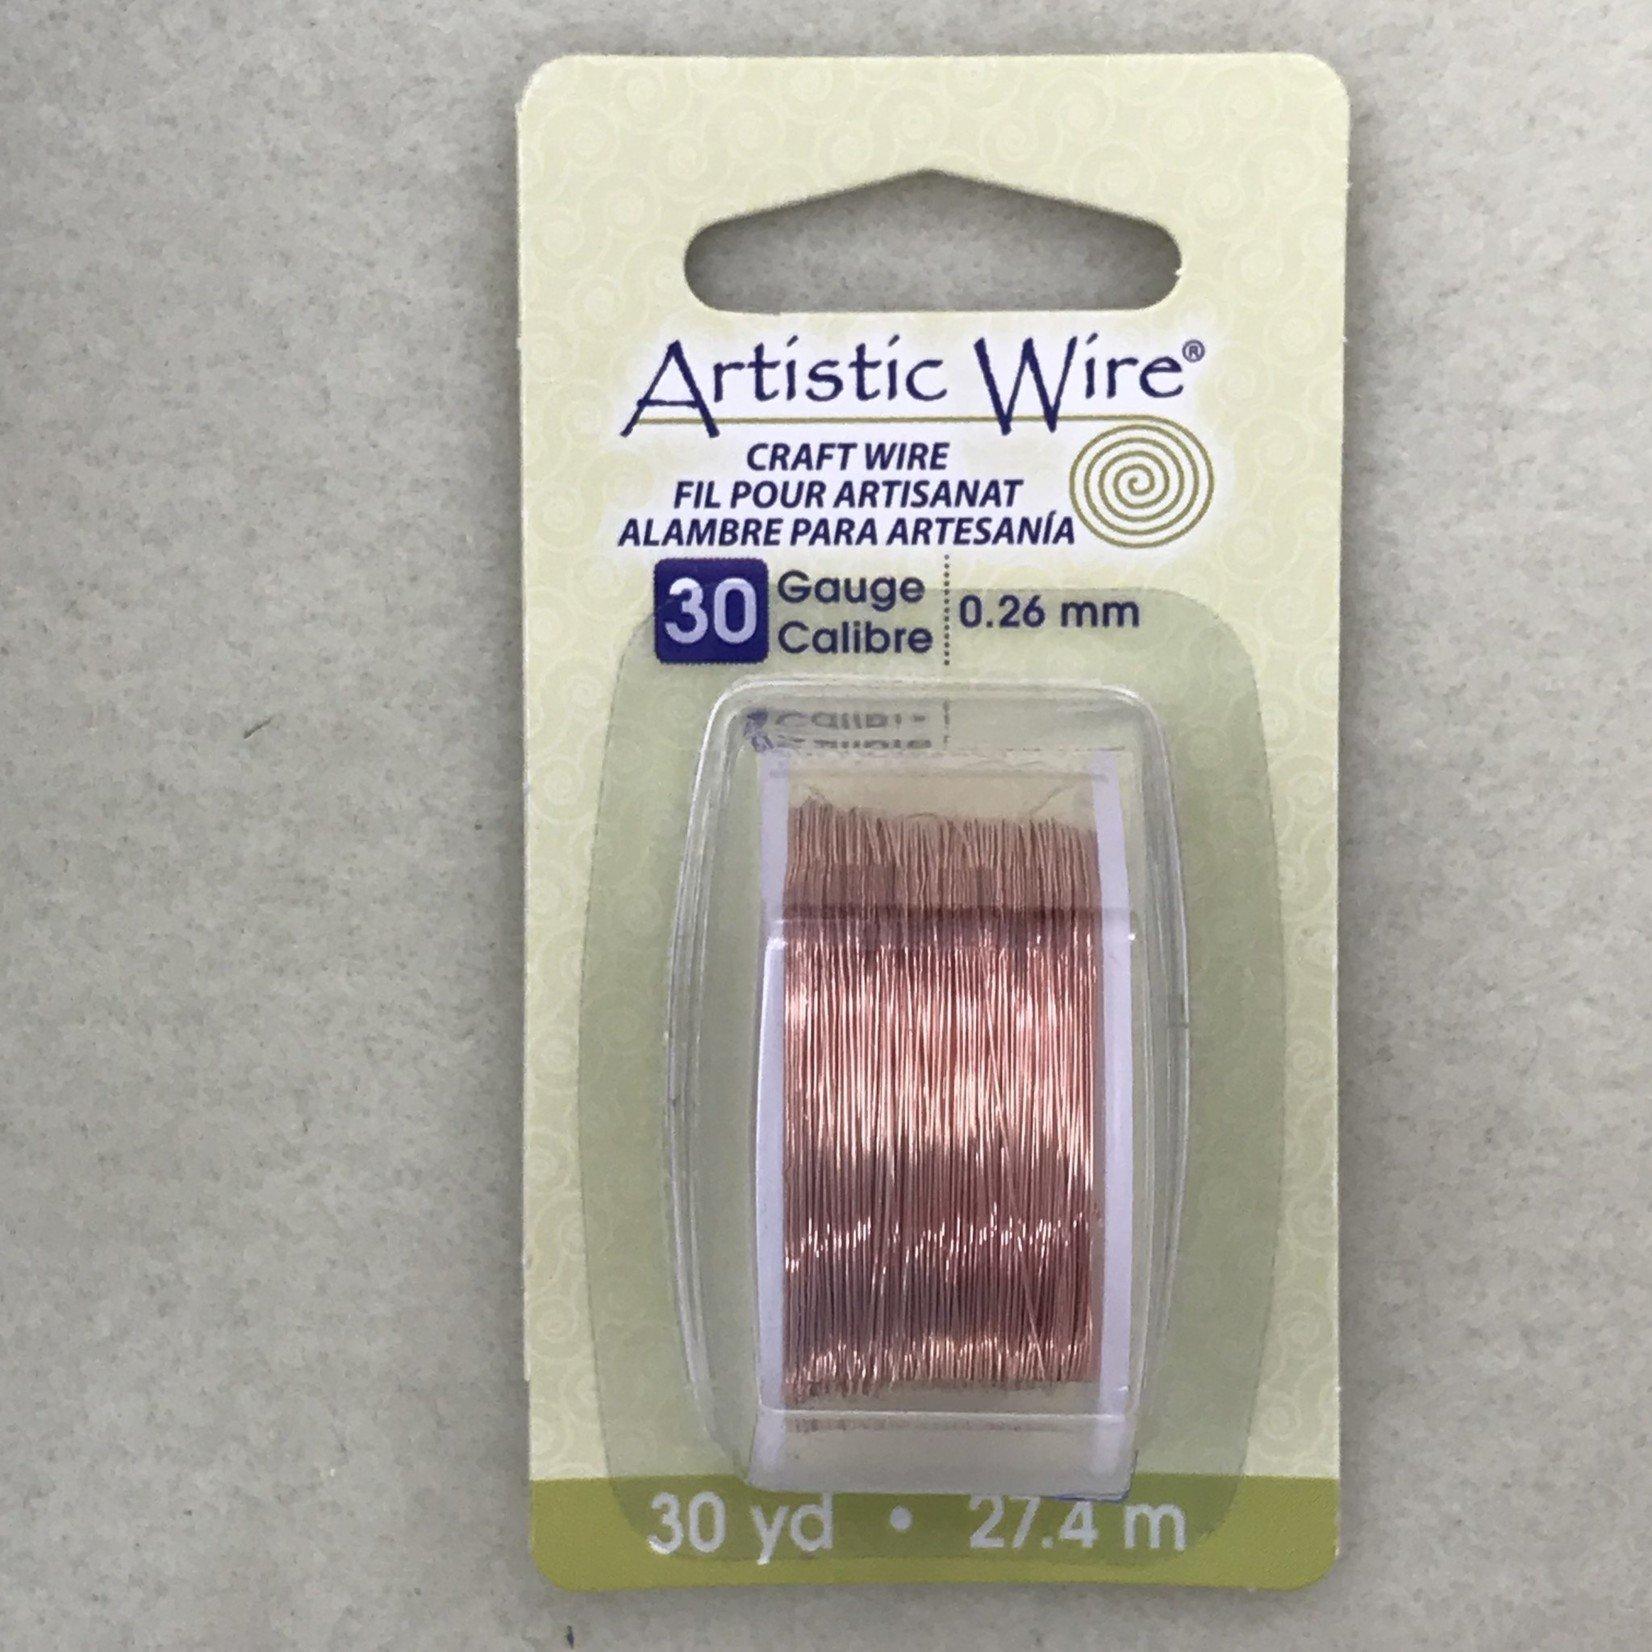 Copper Artistic Wire - Bare Copper - 30 Ga 30 Yd